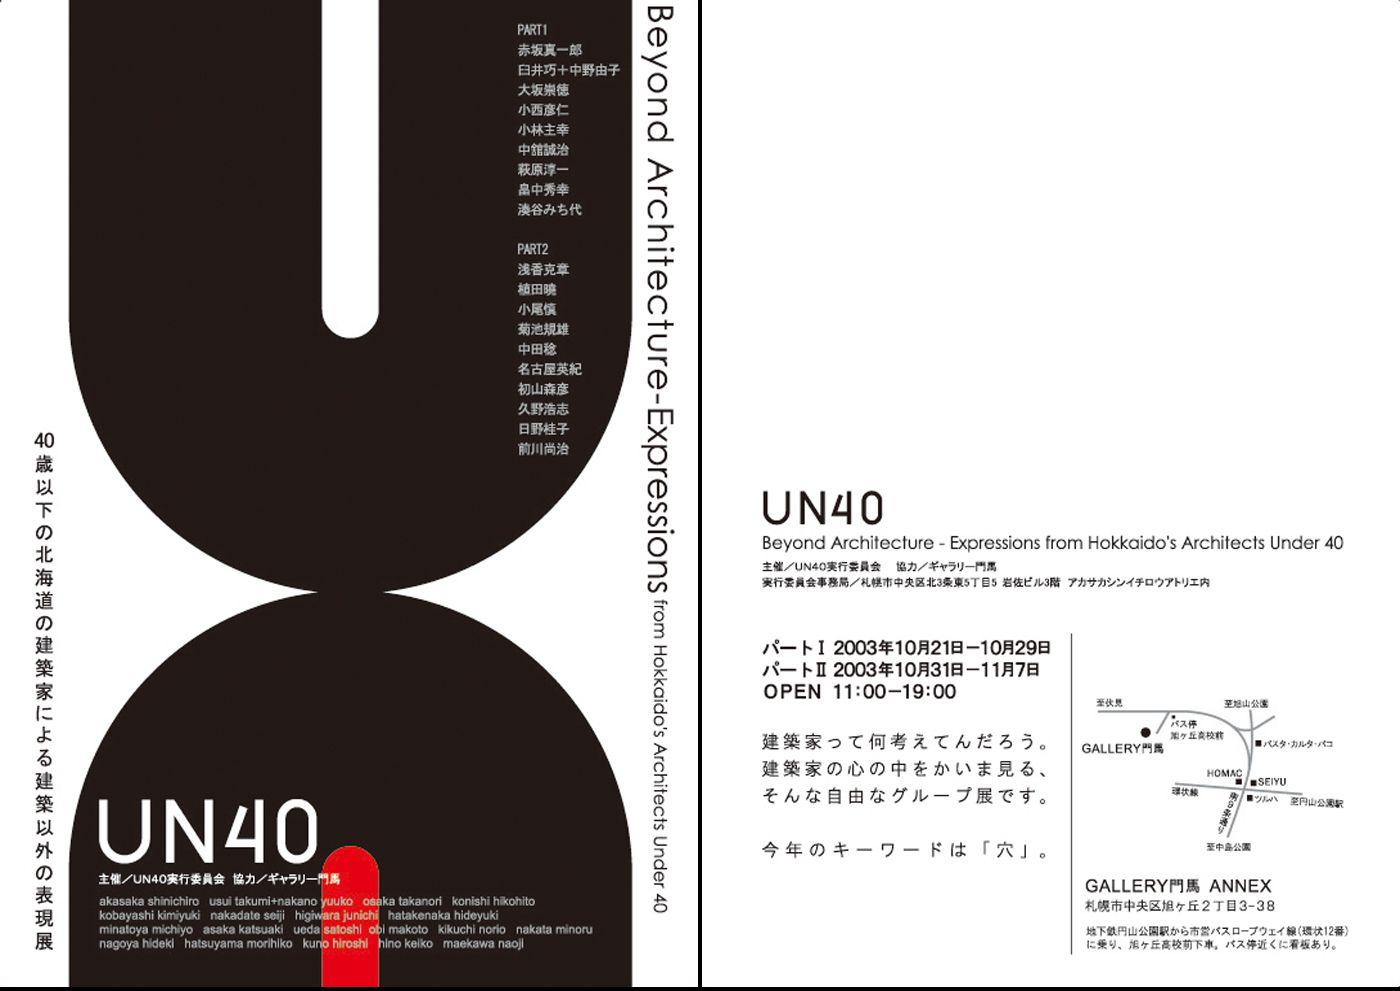 UN40 ~ 40歳以下の北海道の建築家による建築以外の表現展 vol.2